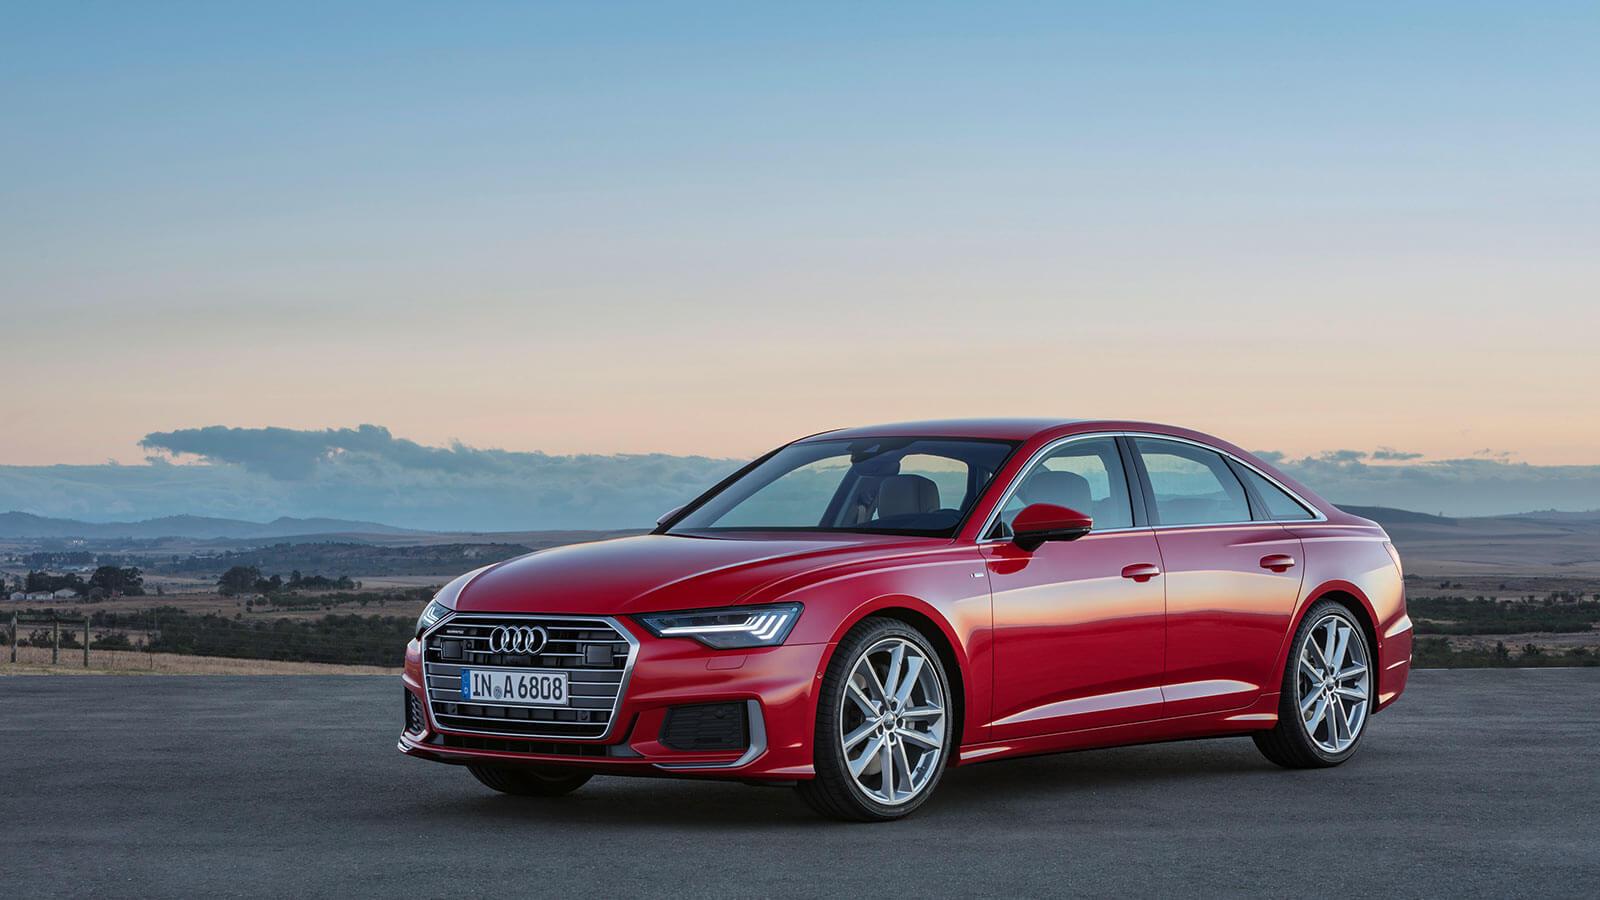 Audi A6 2018 exterior